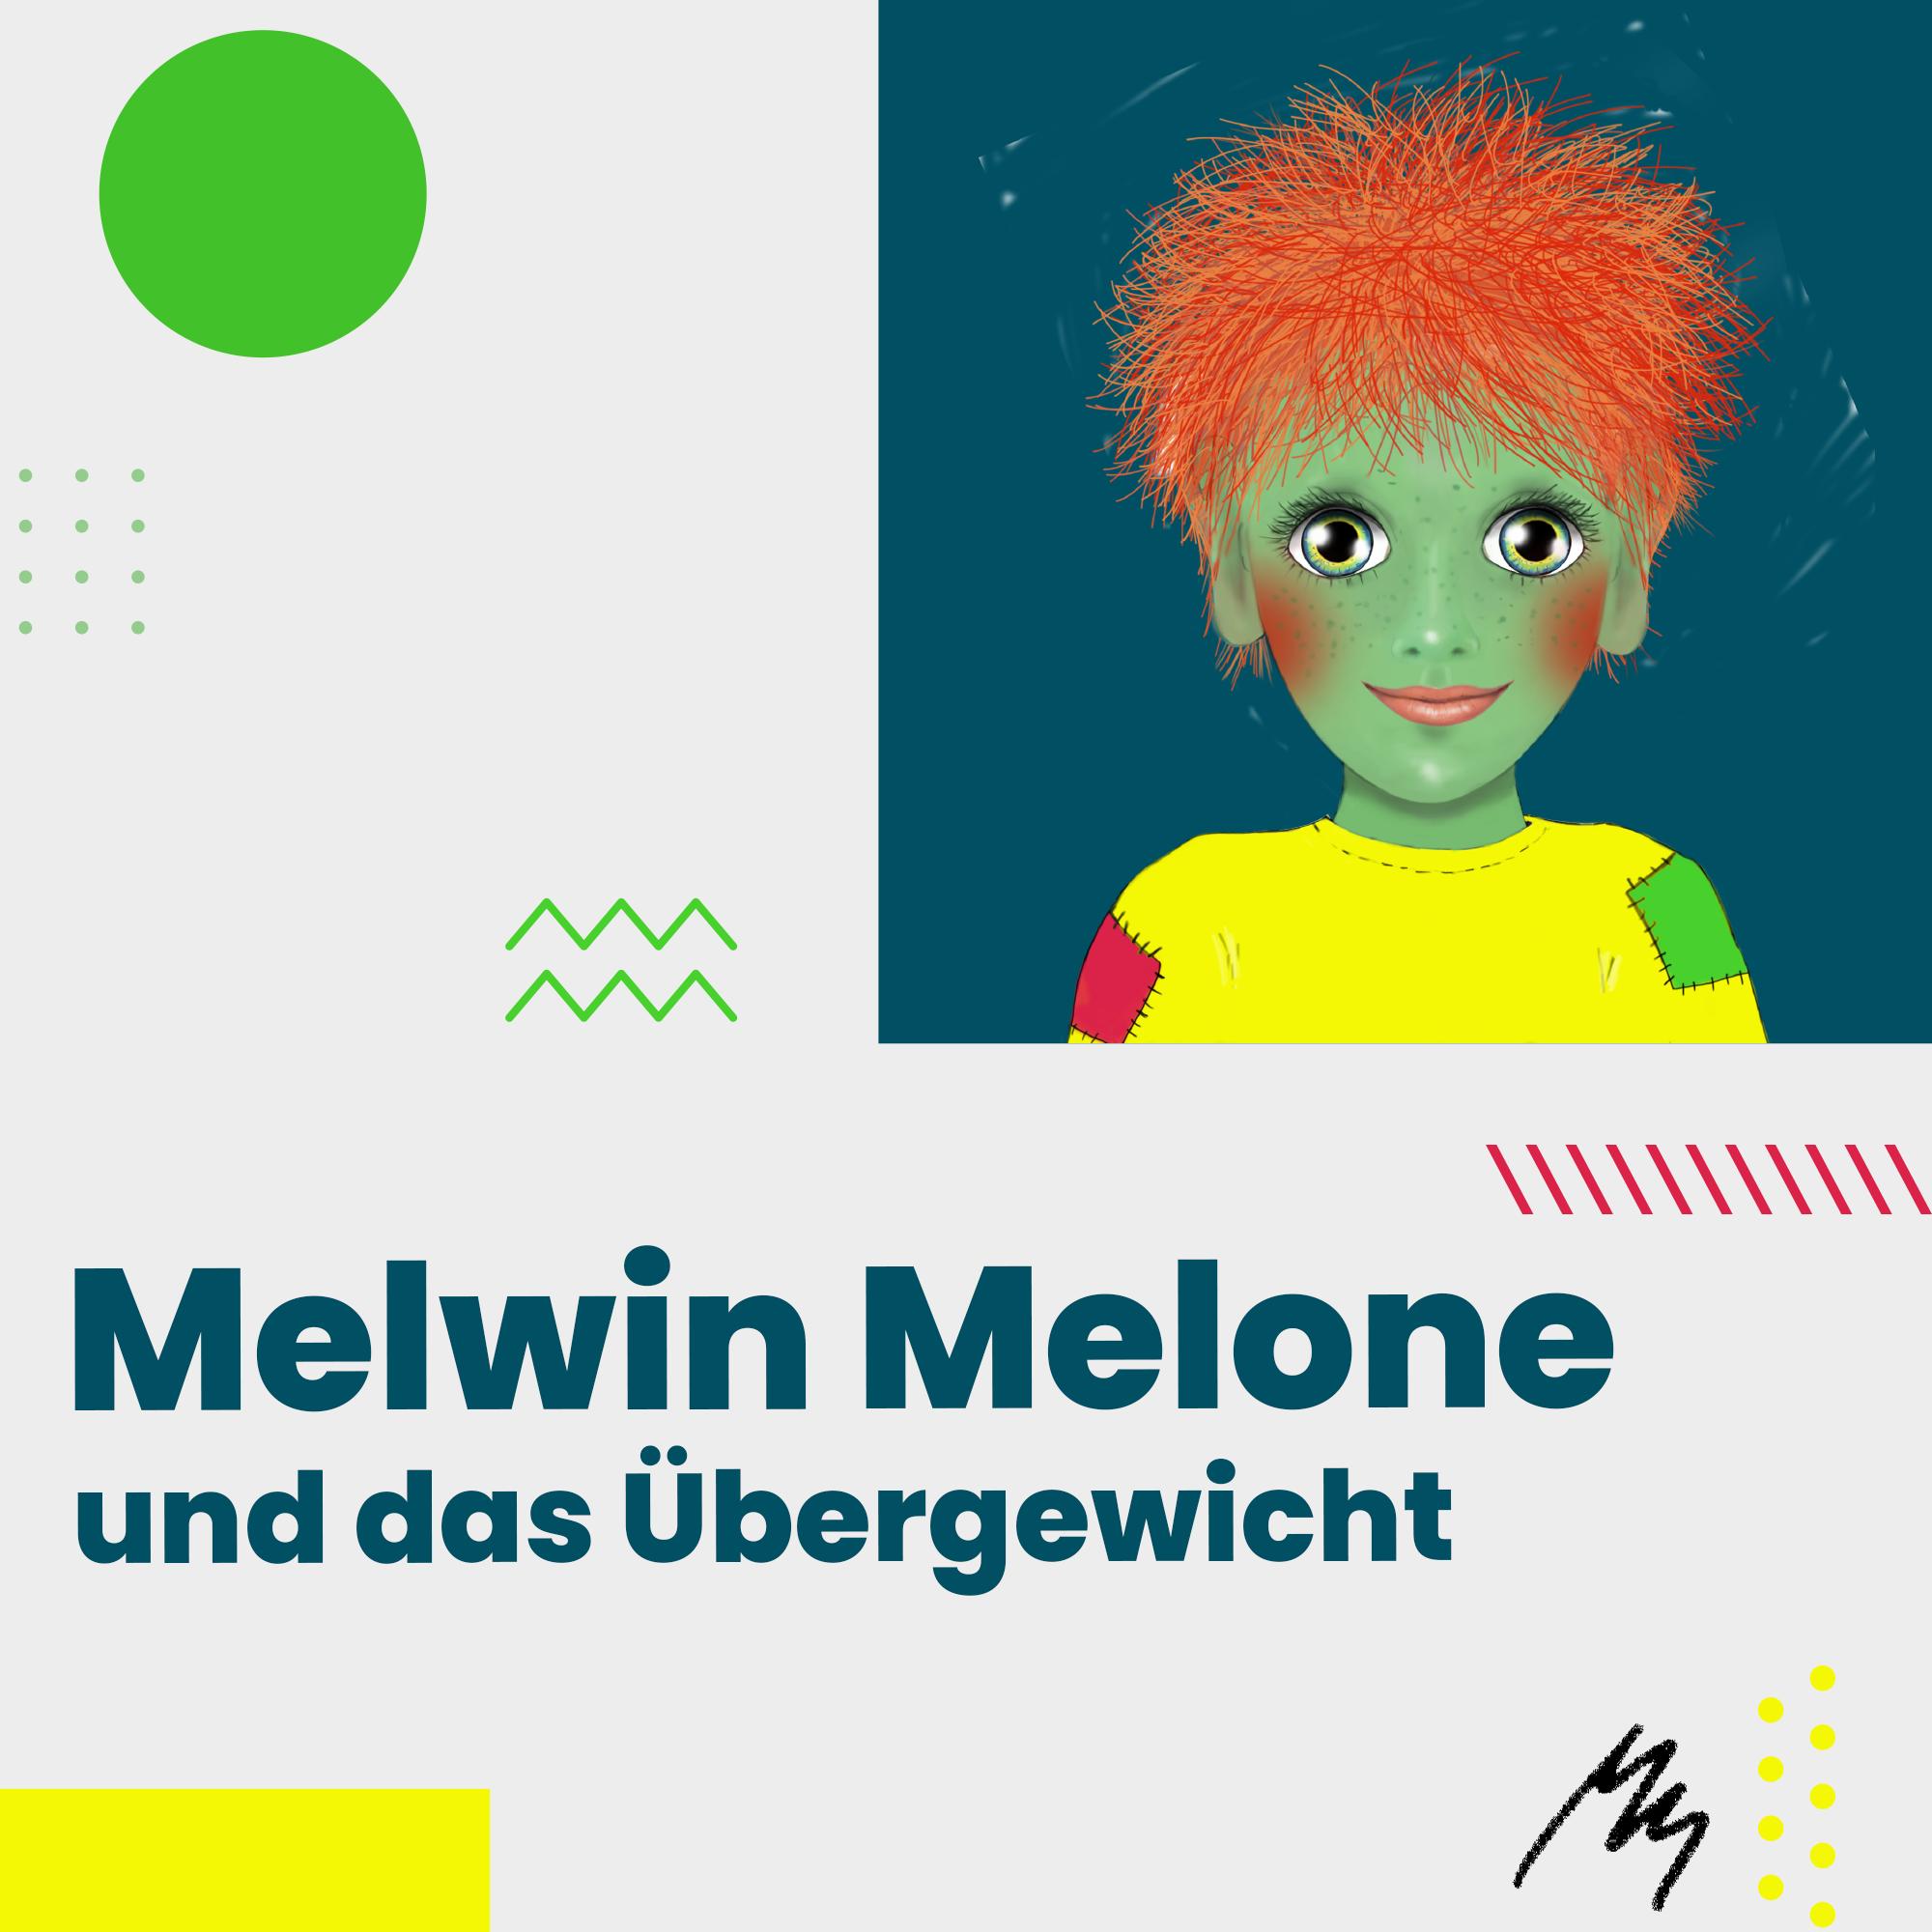 Melwin Melone und das Übergewicht